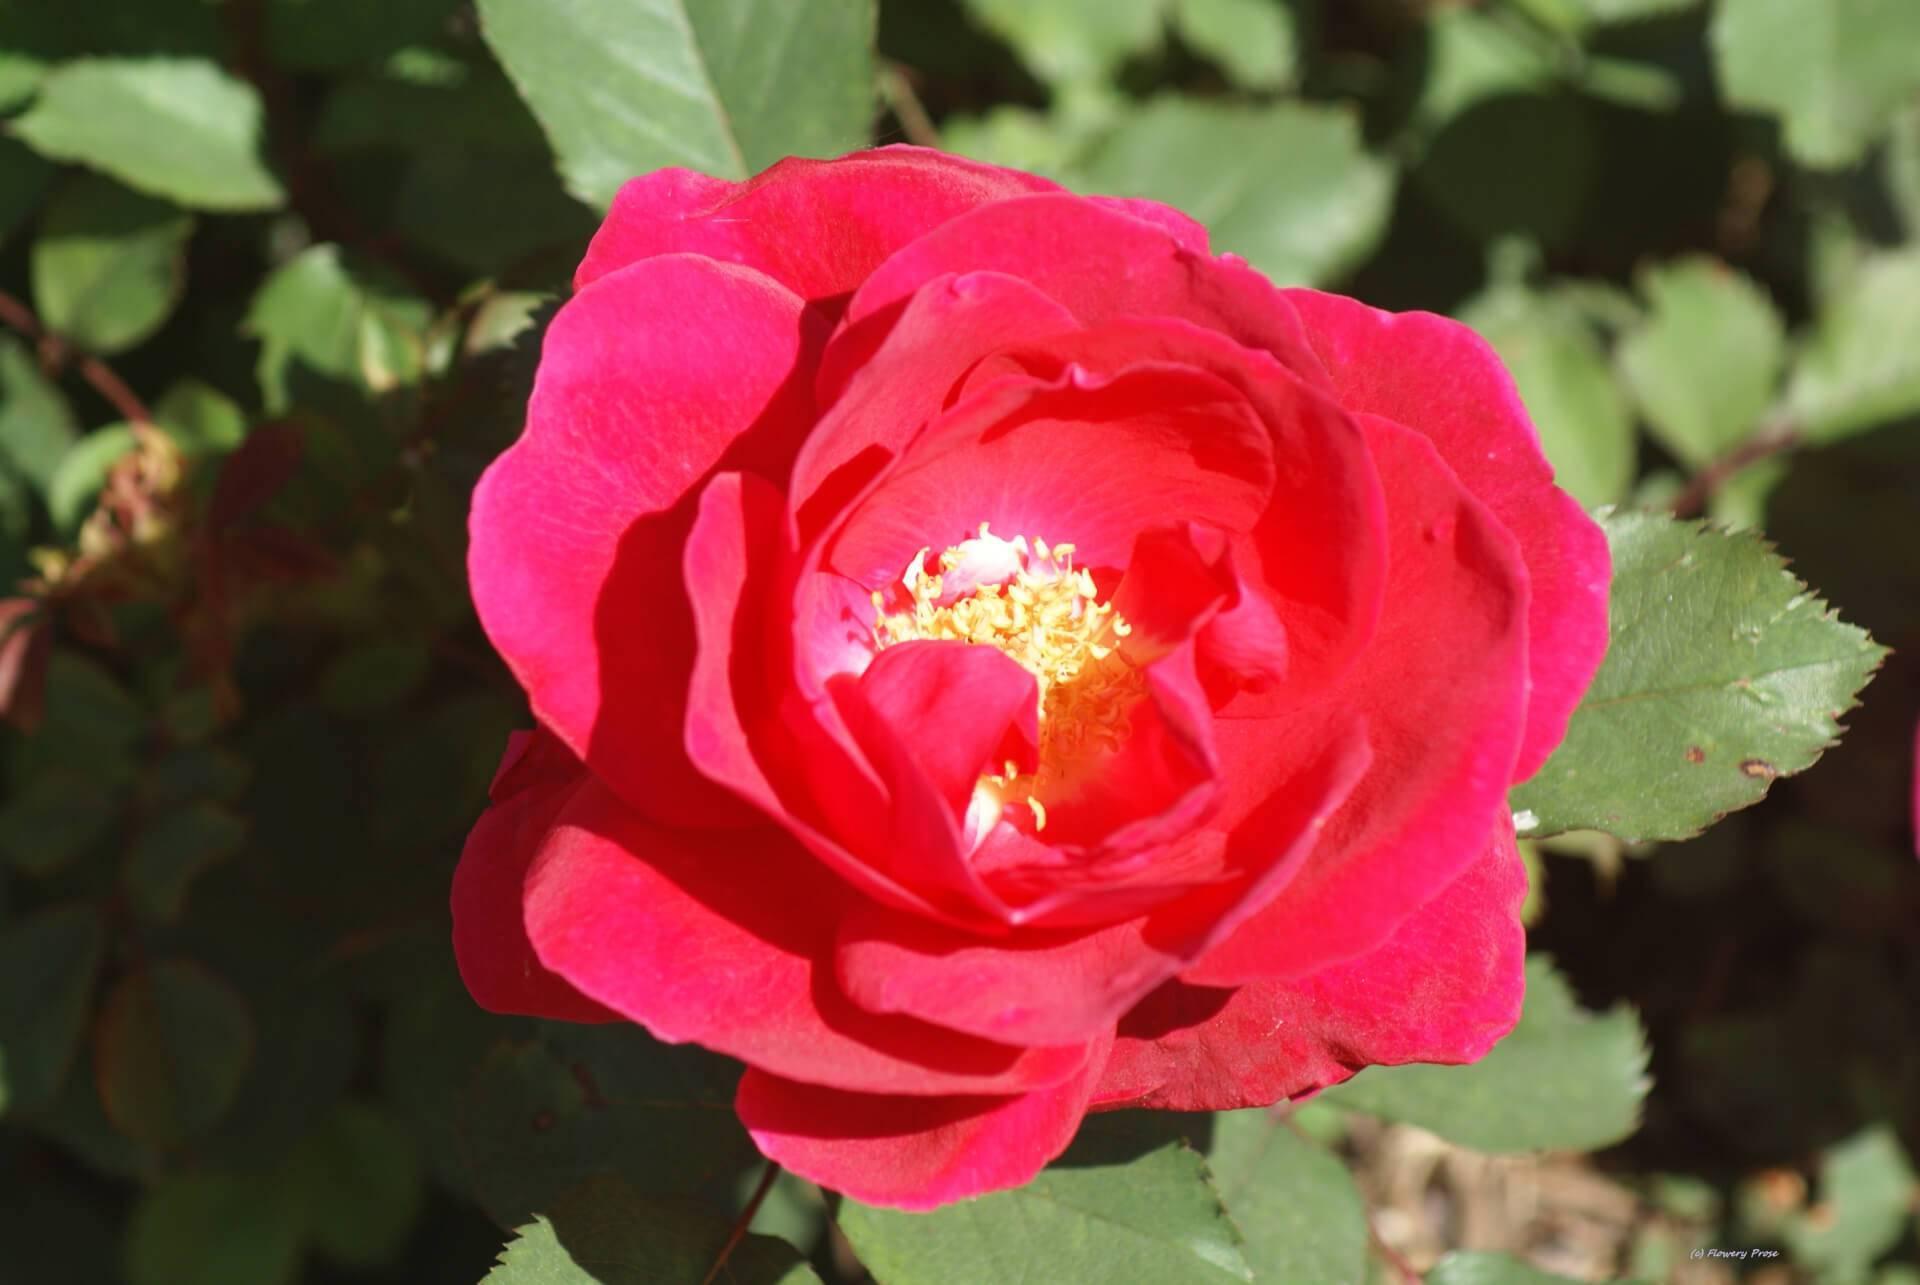 О сортах парковых роз: описание и характеристики, посадка, уход, выращивание